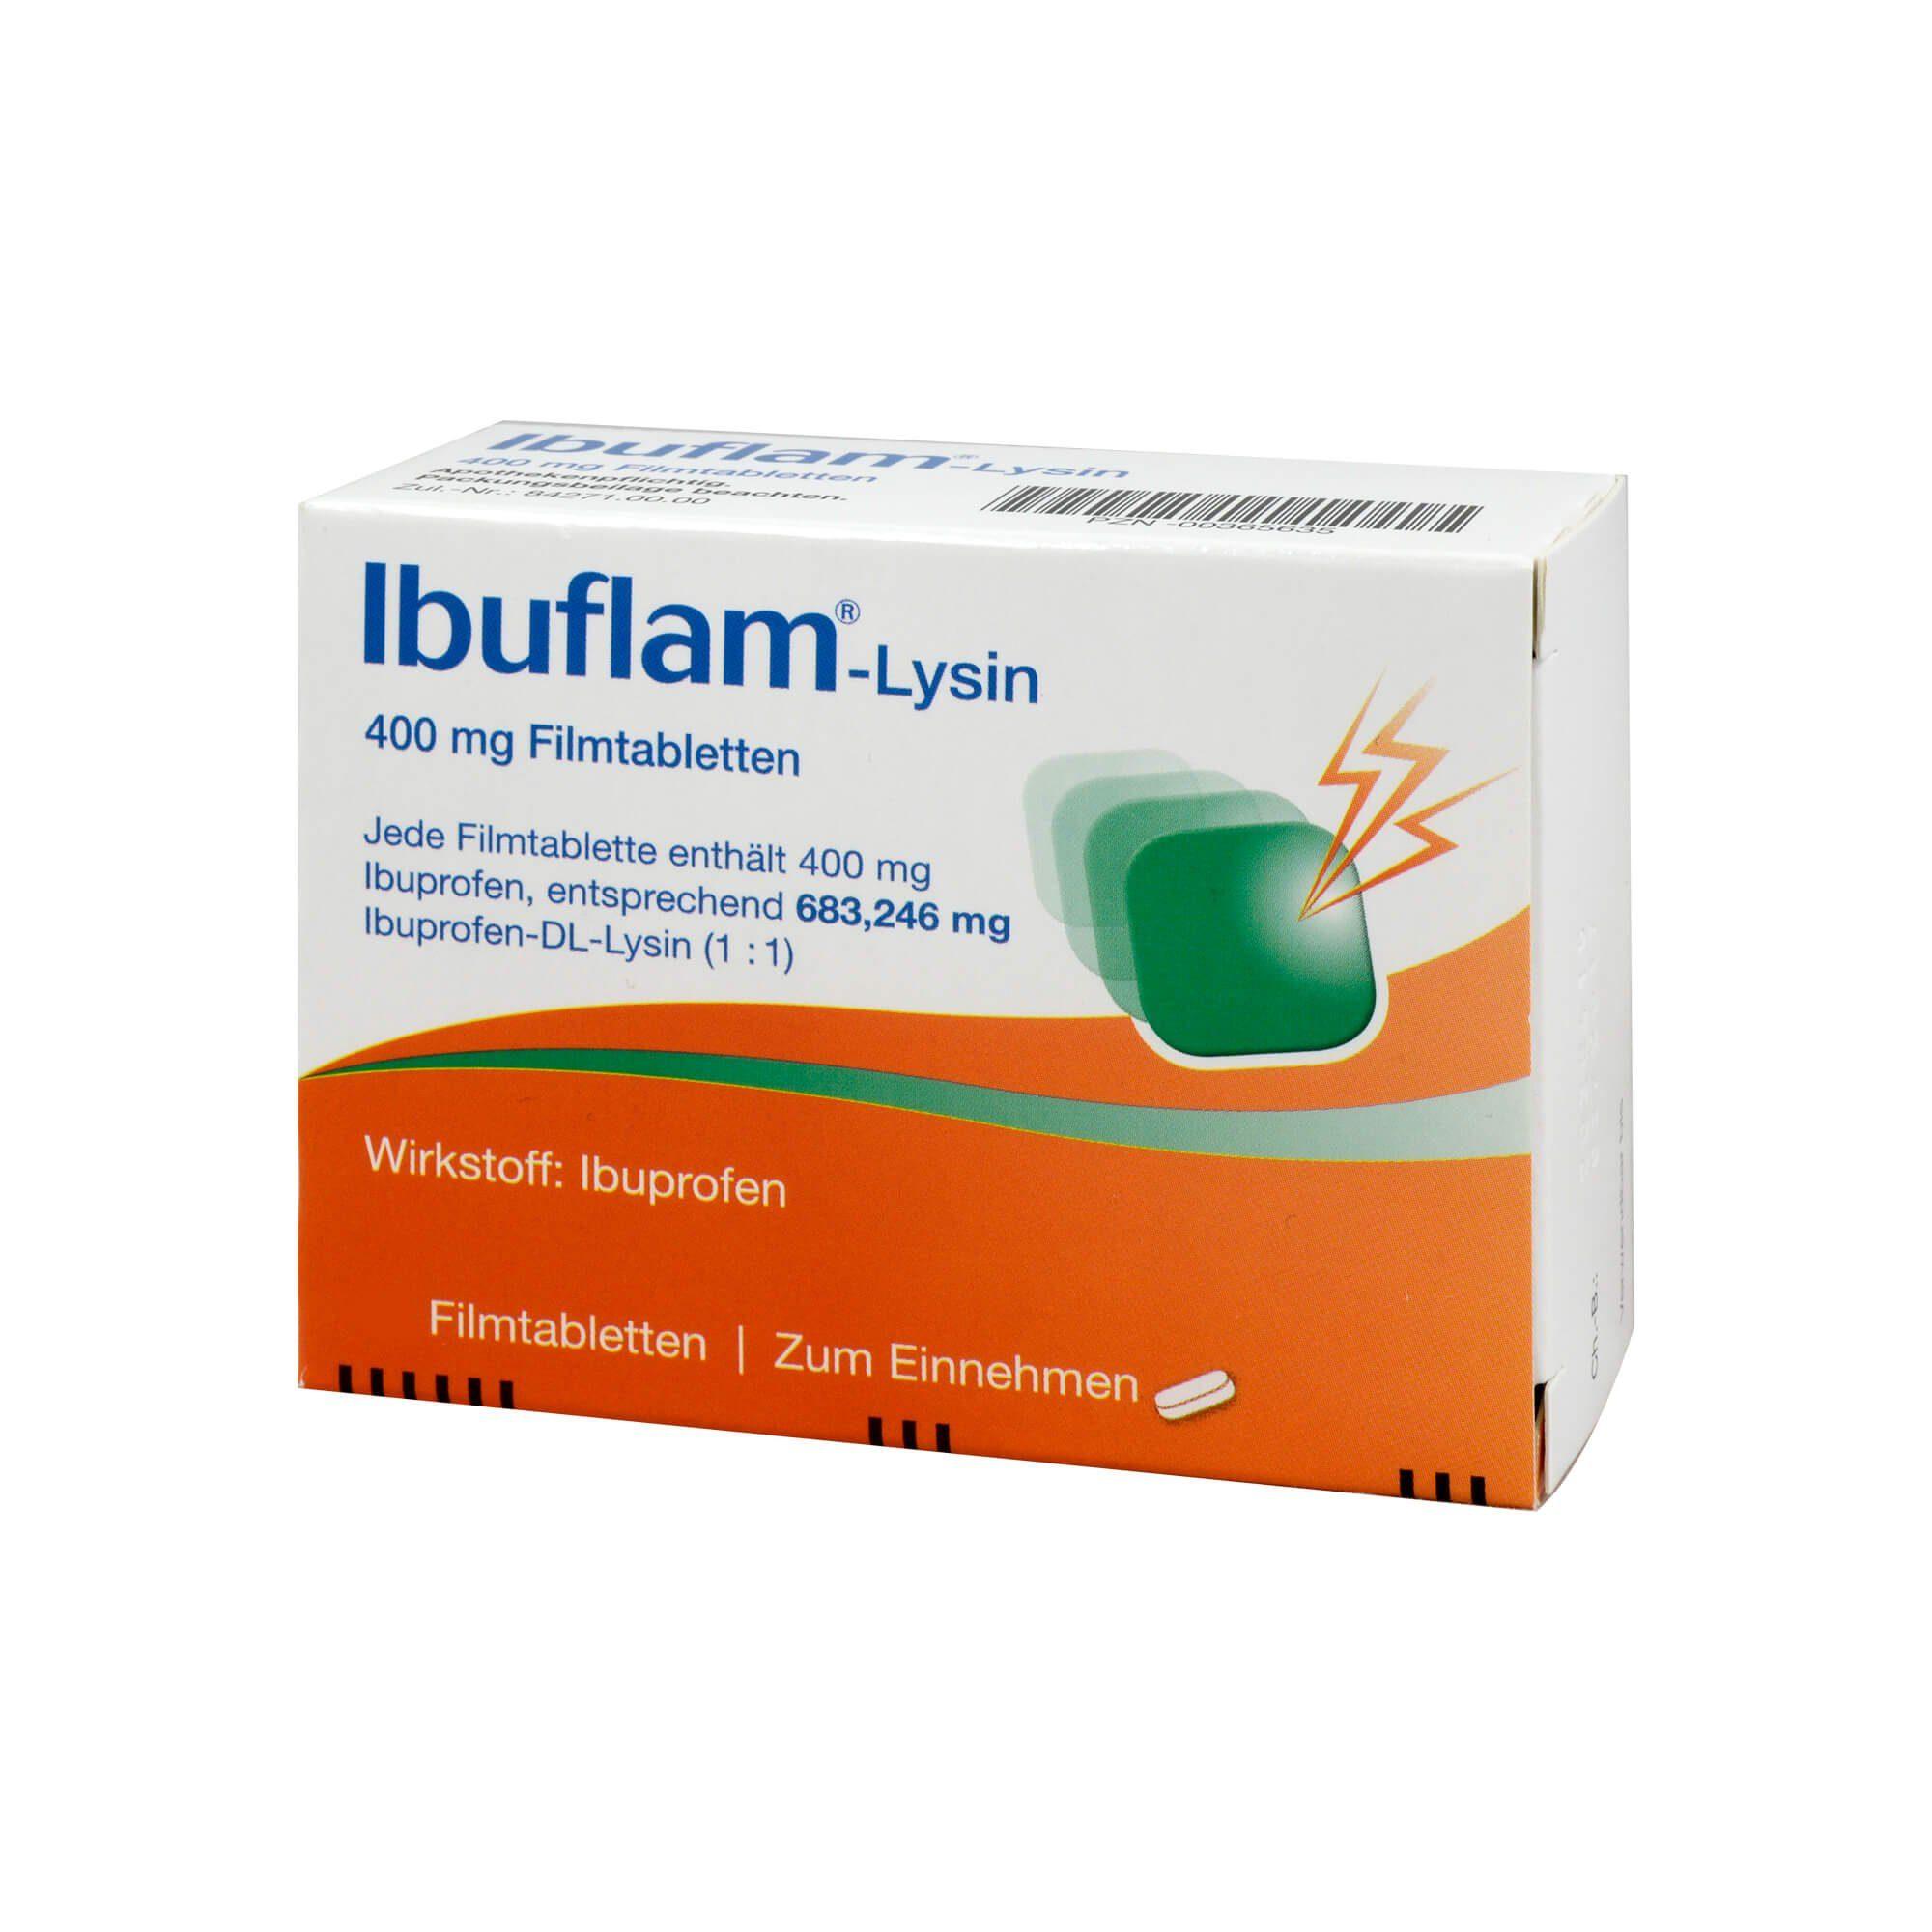 Ibuflam-Lysin 400 mg Filmtabletten, 12 St